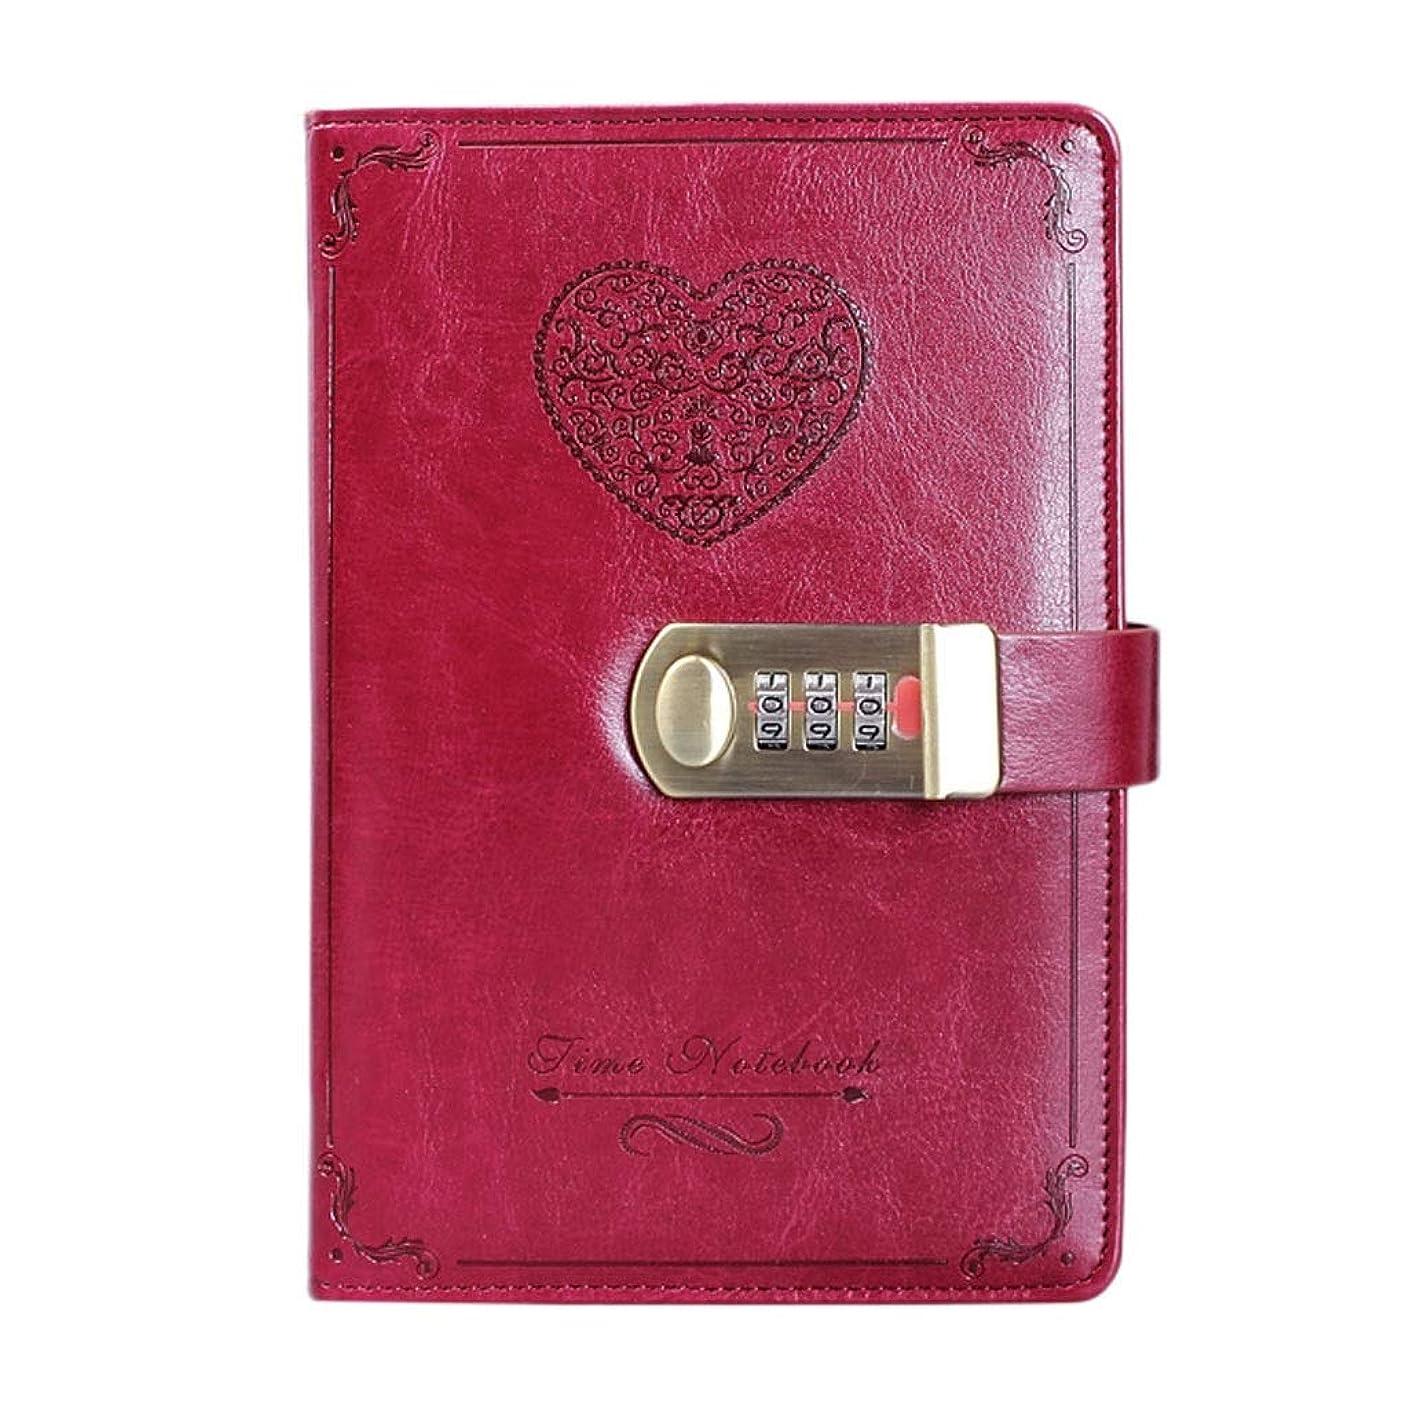 PUレザーノートブック - 女の子かわいいパスワードロック日記青少年旅行スケッチ、学生メモ、B6スモールブック/レコードブック/ピンク/レッド (Color : Red)